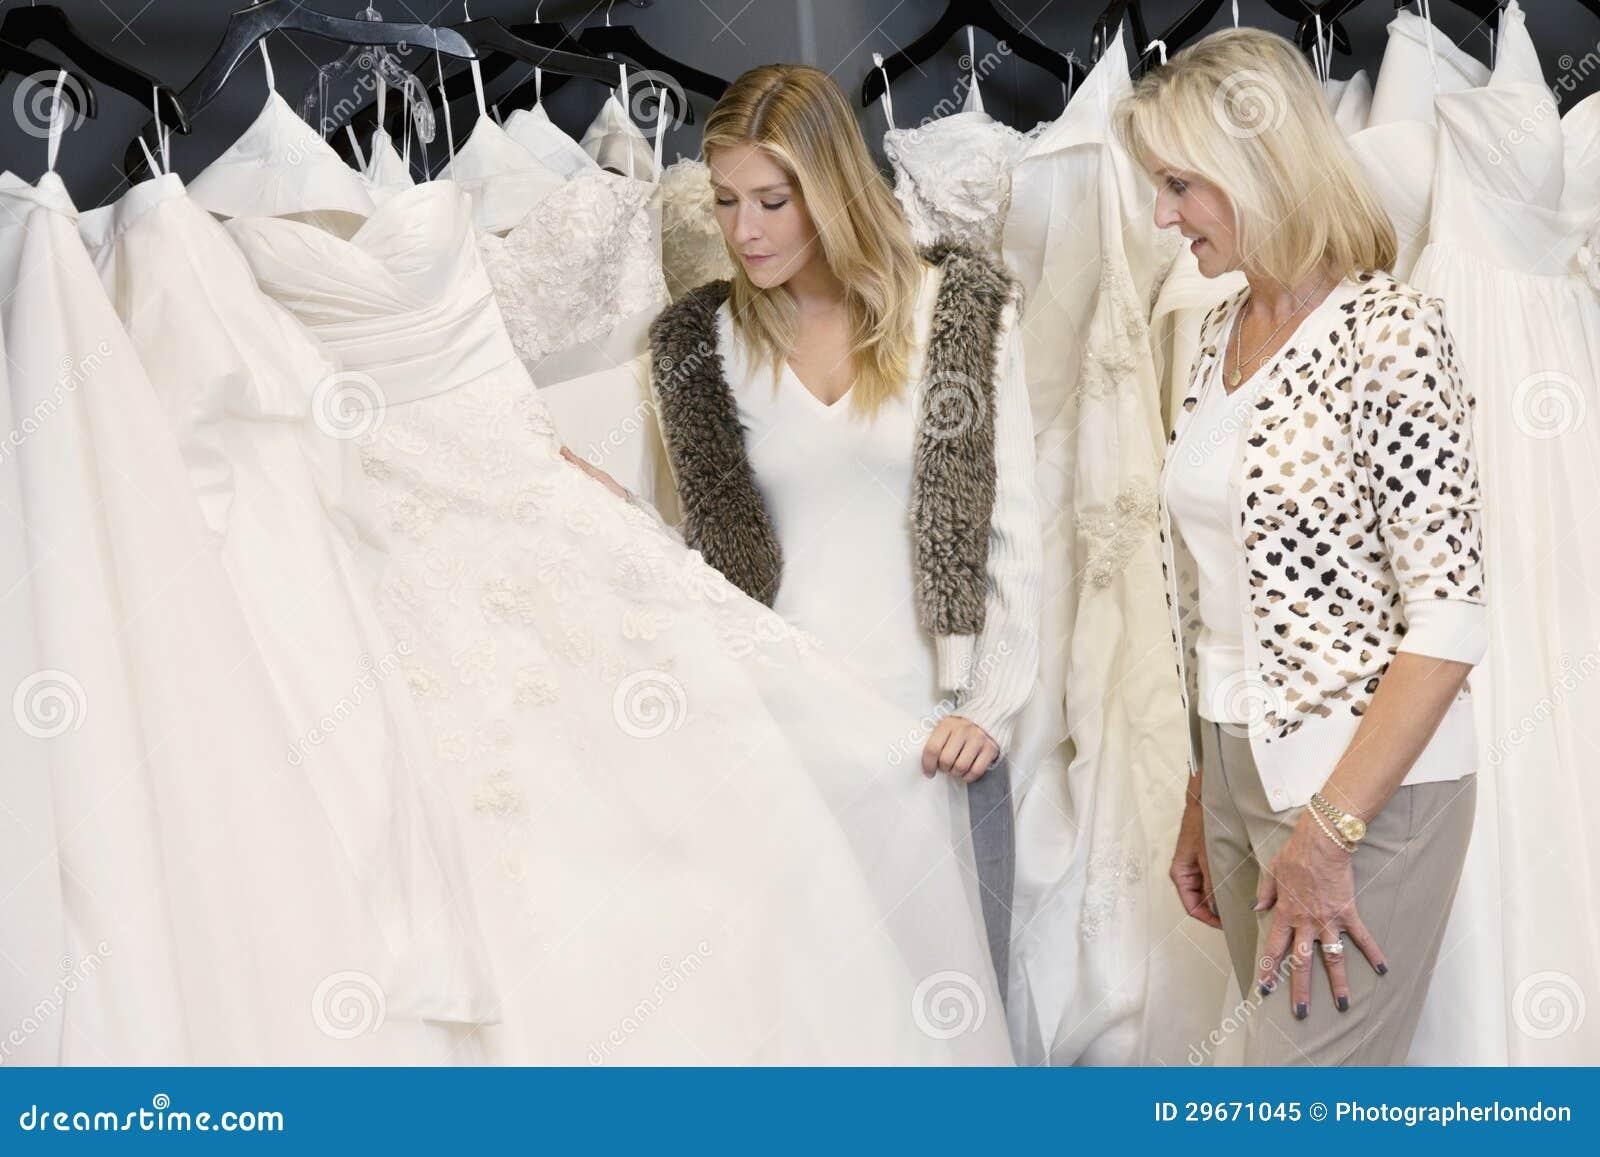 Niedlich Speicher Für Hochzeitskleid Bilder - Brautkleider Ideen ...